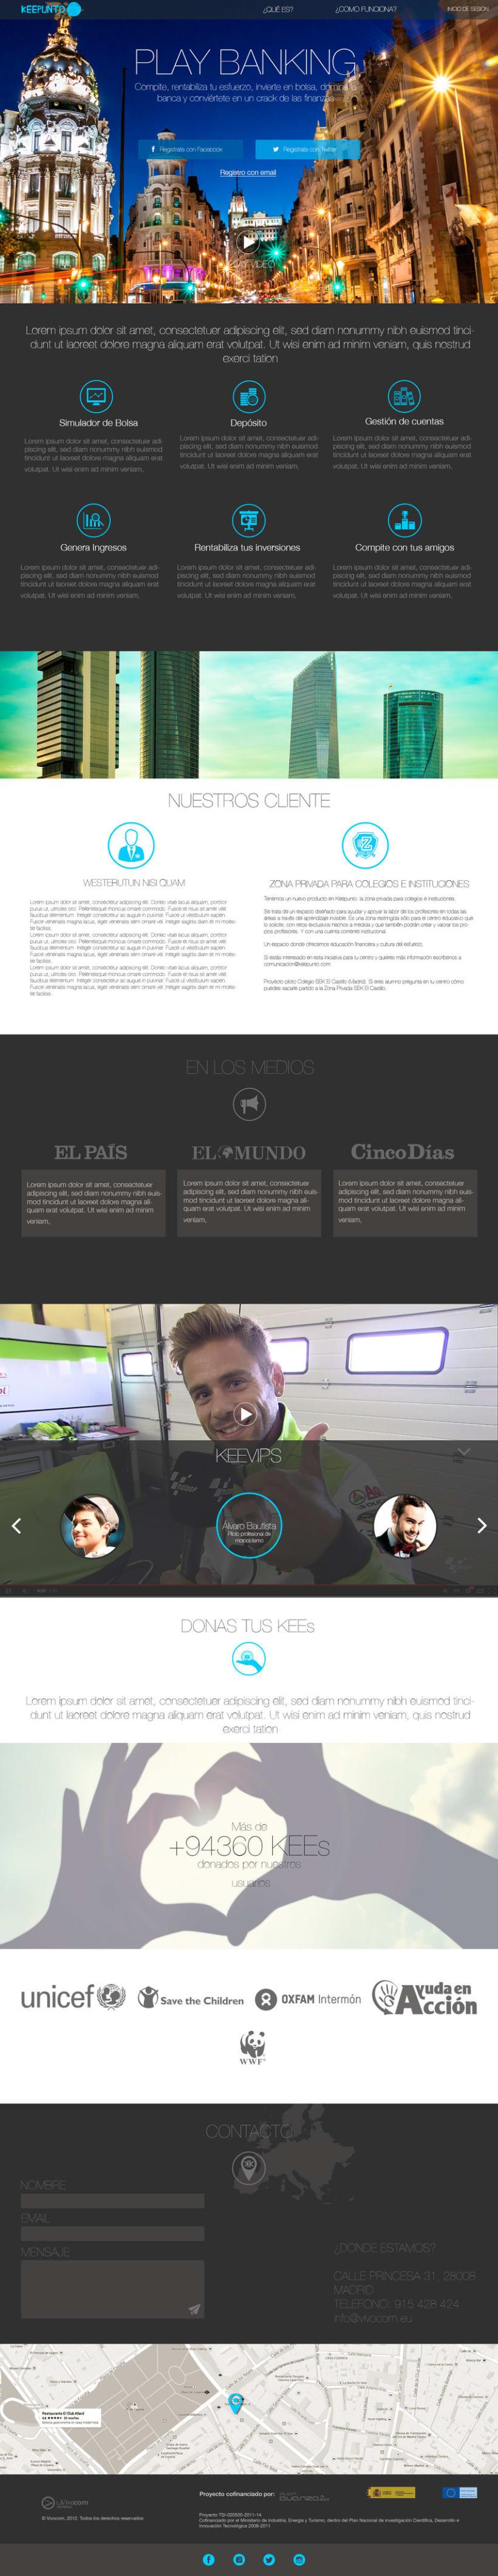 Nueva Propuesta Diseño web www.keepunto.com -1